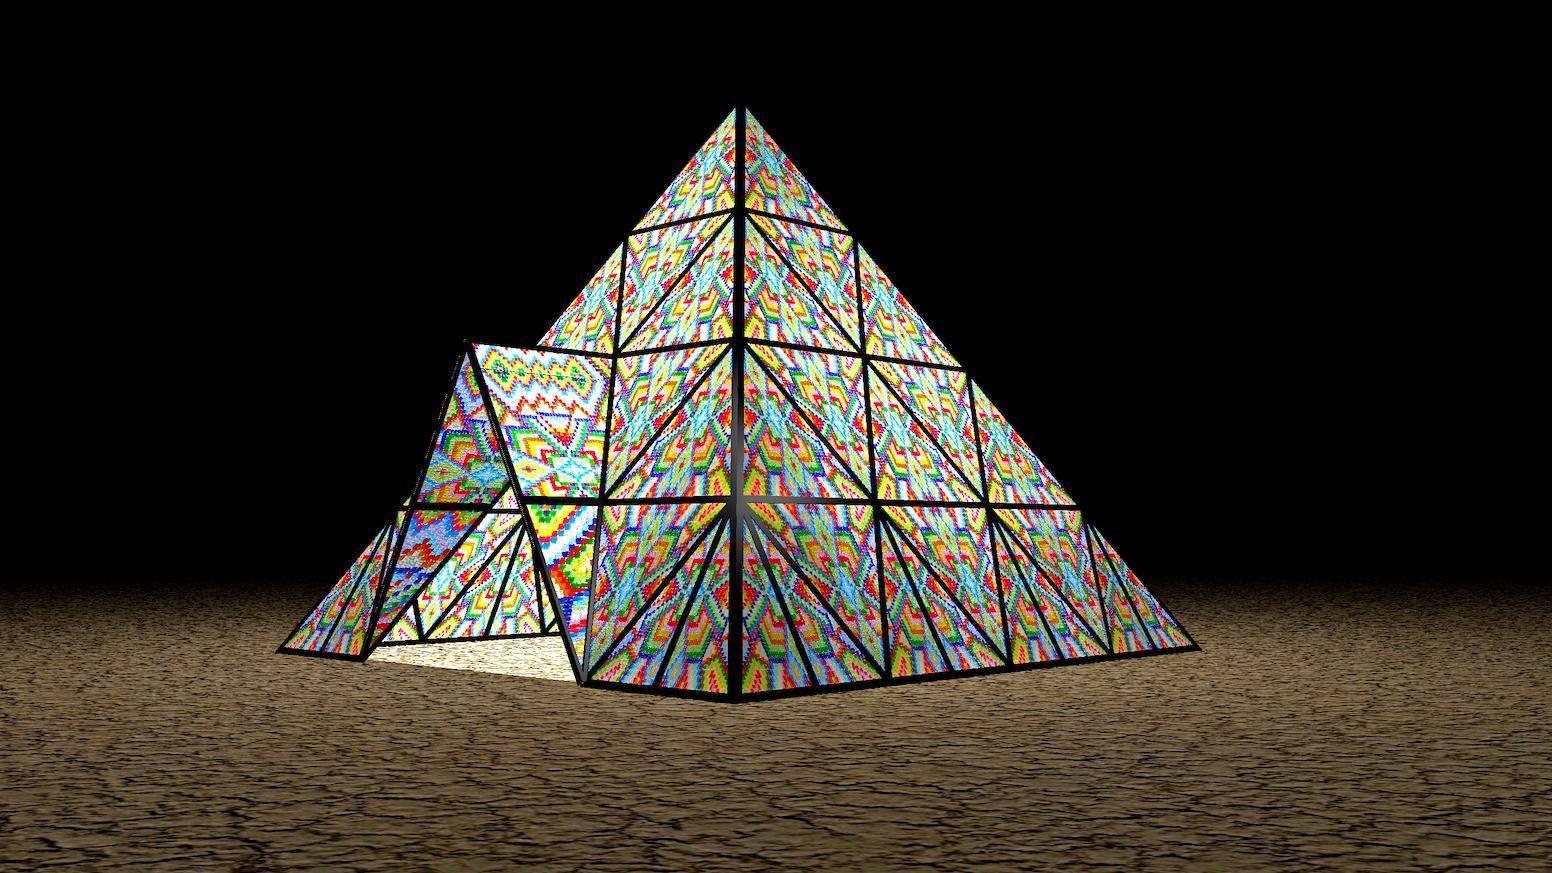 88c25603d8362 Gummy Bear Pyramid Art Installation Burning Man 2017. 14ft Light  Installation made ...